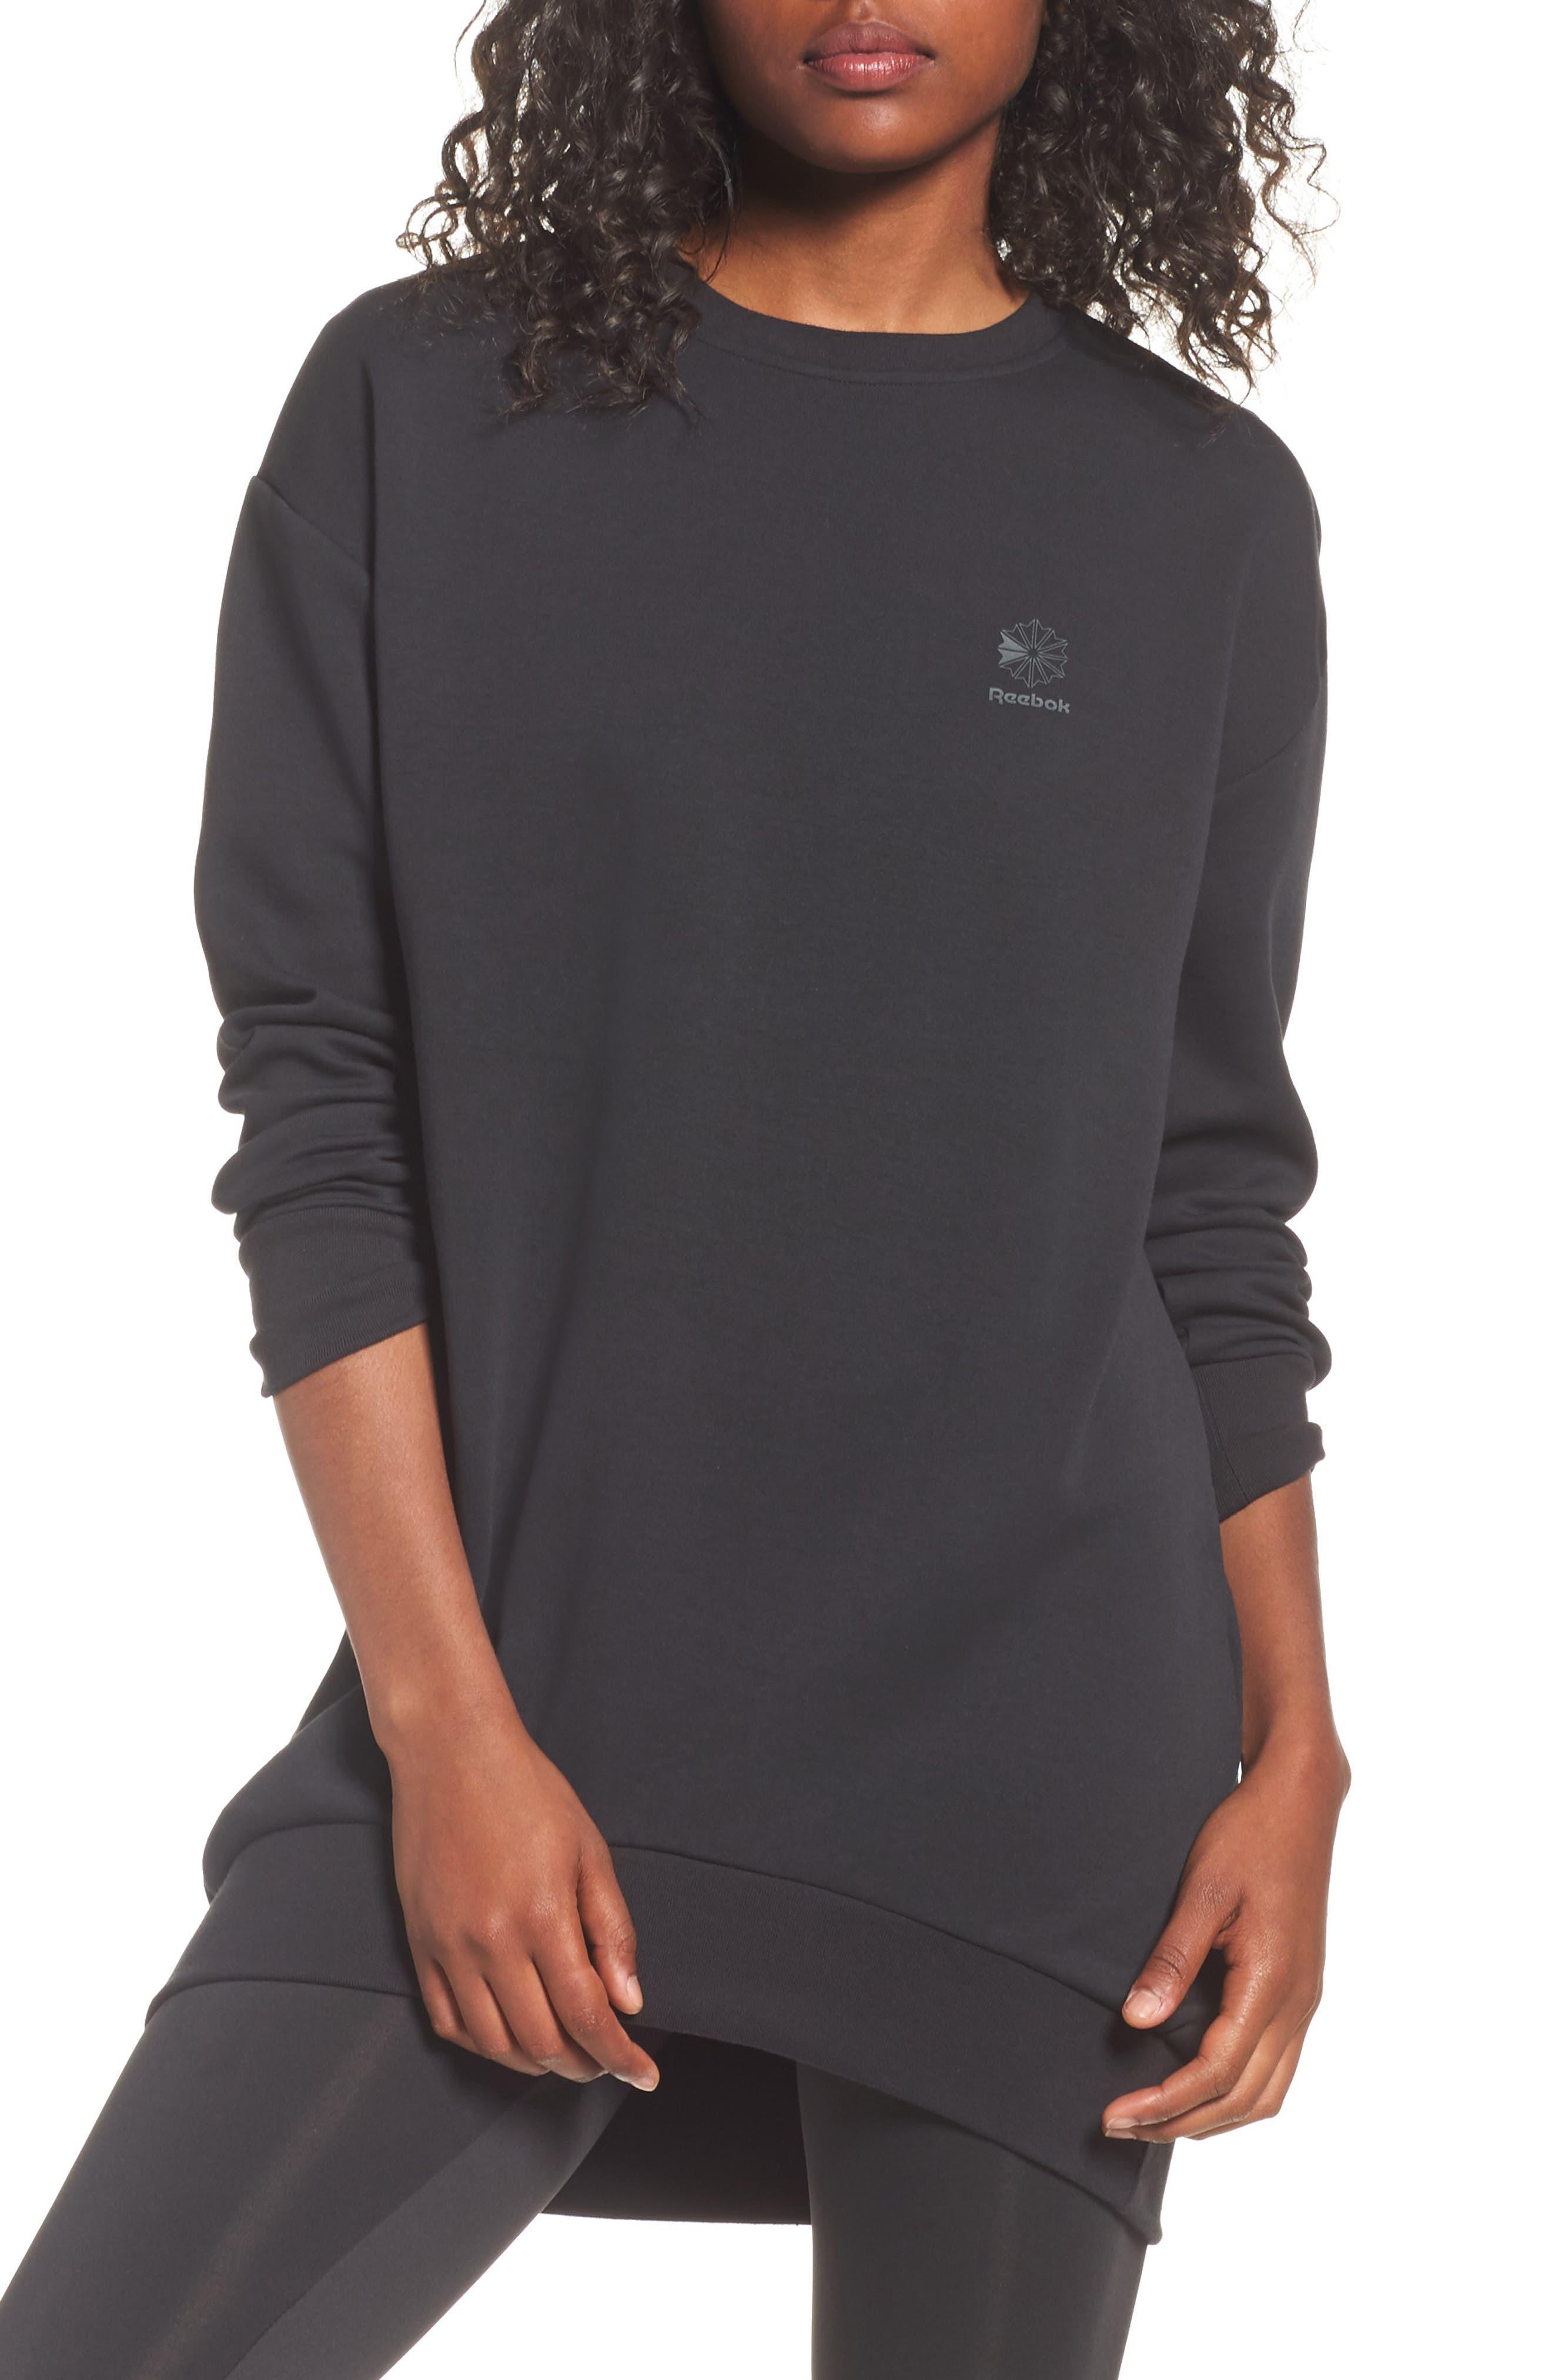 Reebok Oversized Sweatshirt